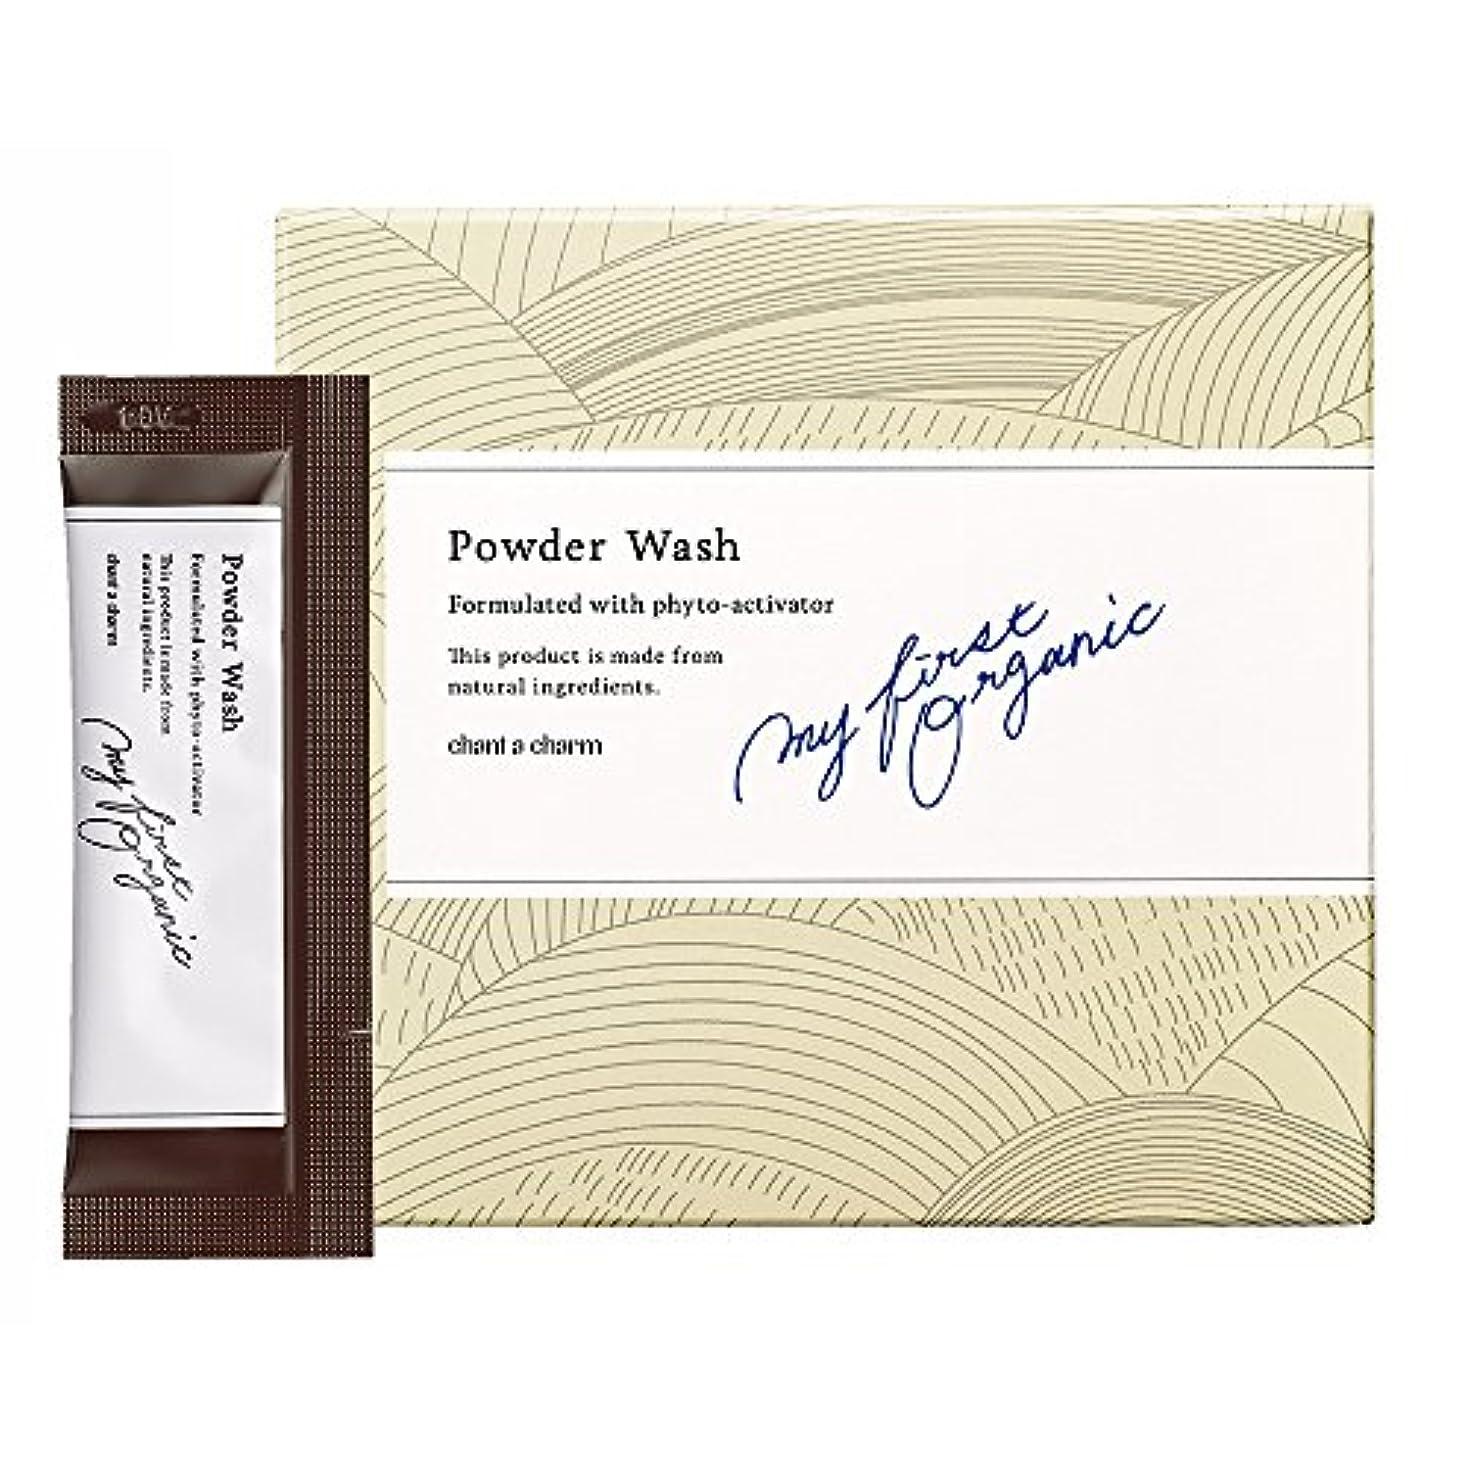 タッチグレー寺院チャントアチャーム パウダーウォッシュ ニキビ肌用酵素洗顔 医薬部外品